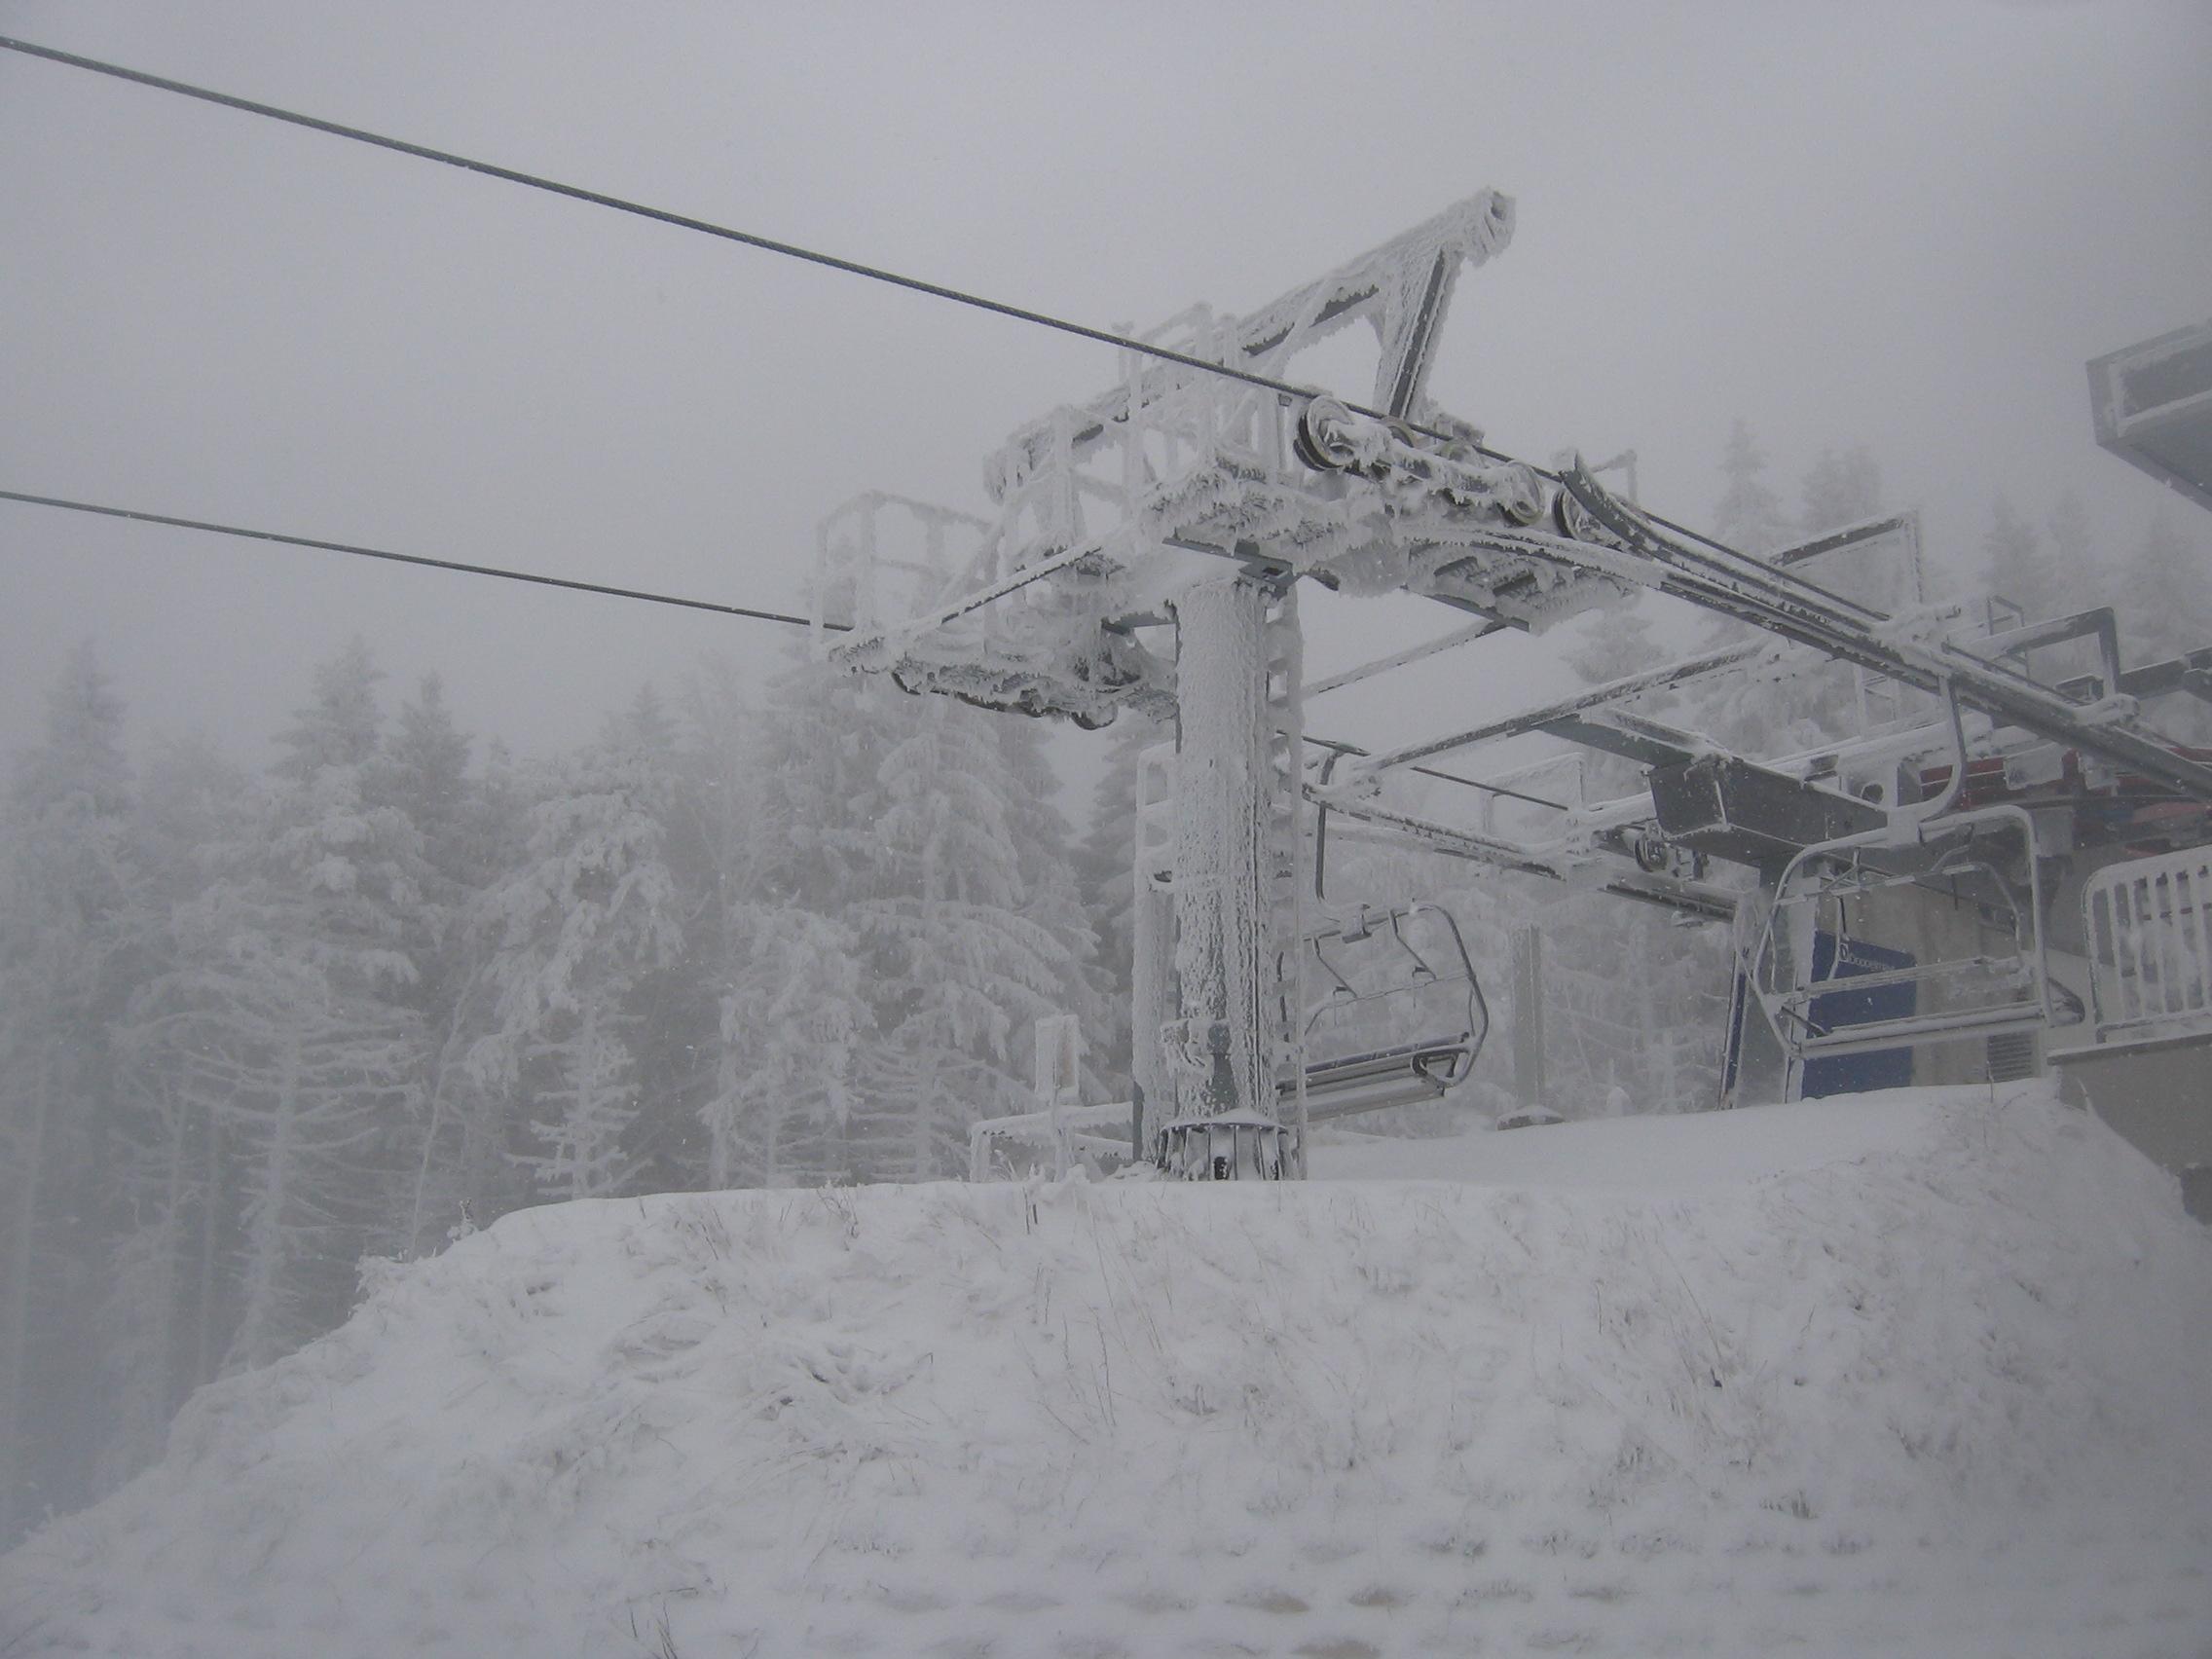 Ski lift Poštela, Mariborsko Pohorje